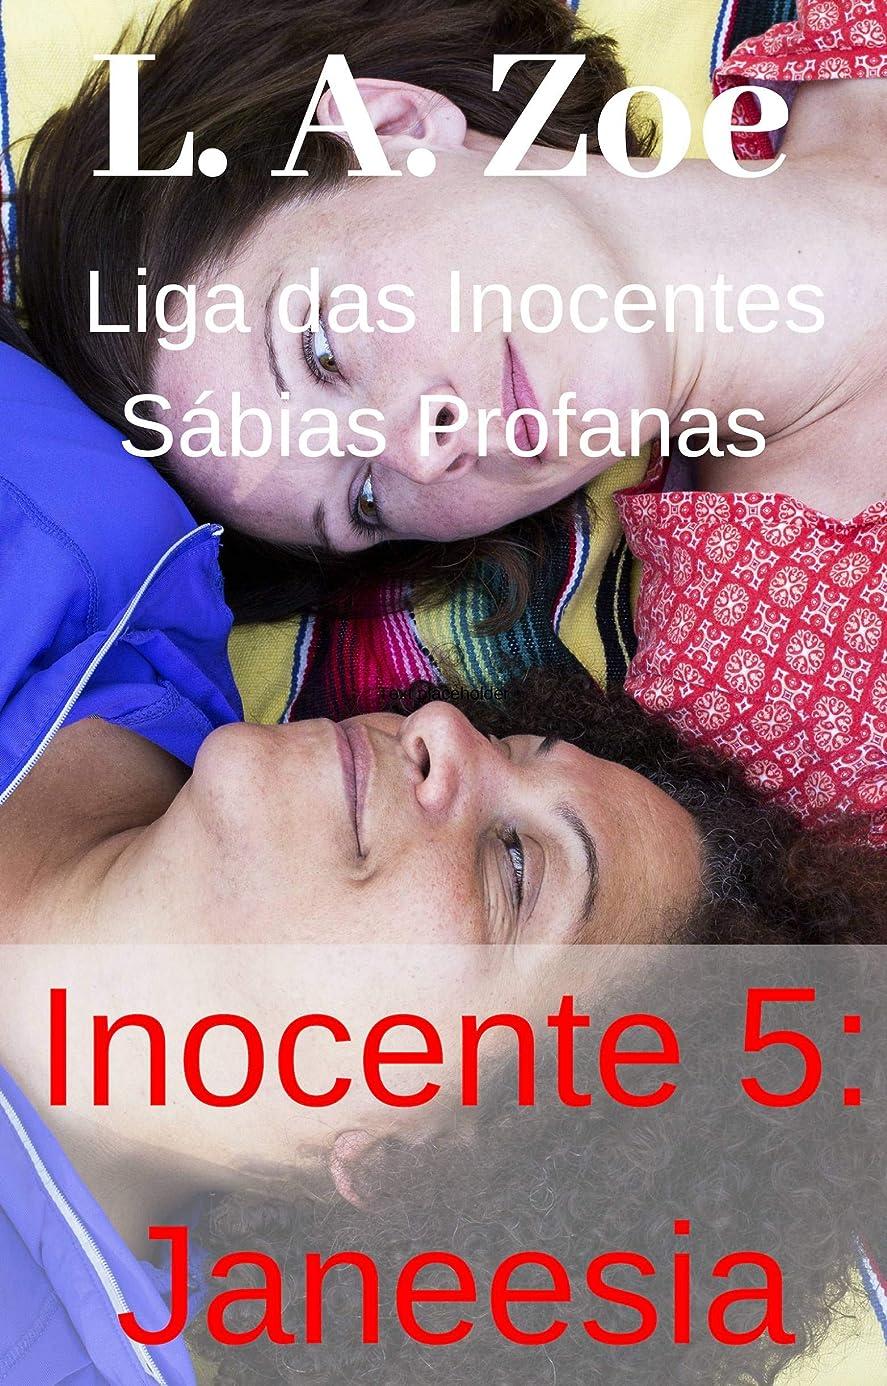 血まみれベジタリアンほんのInocente 5: Janeesia (Portuguese Edition)